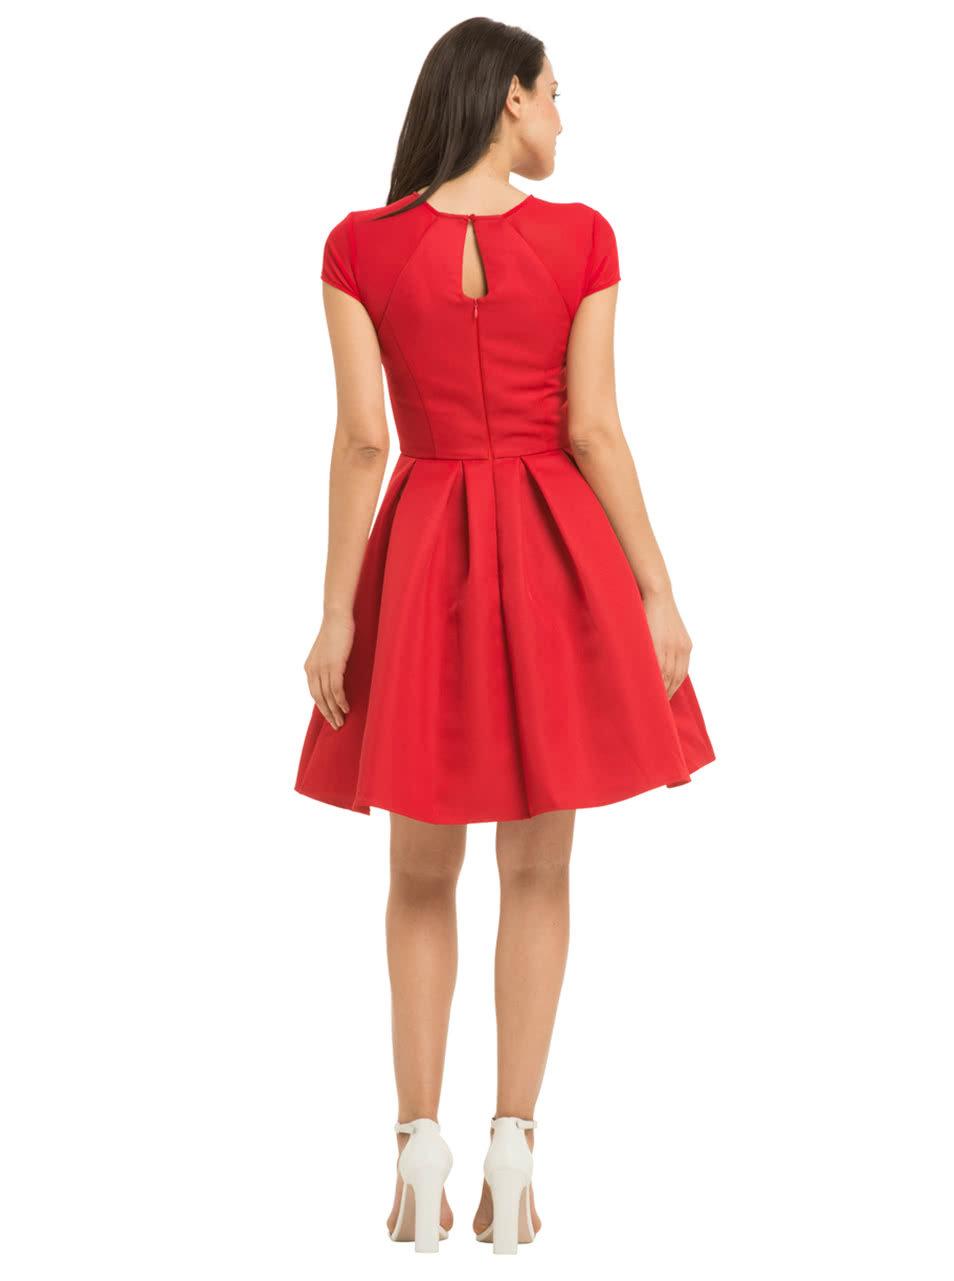 Červené šaty so skladanou sukňou Chi Chi London Marley ... 20a225e3124